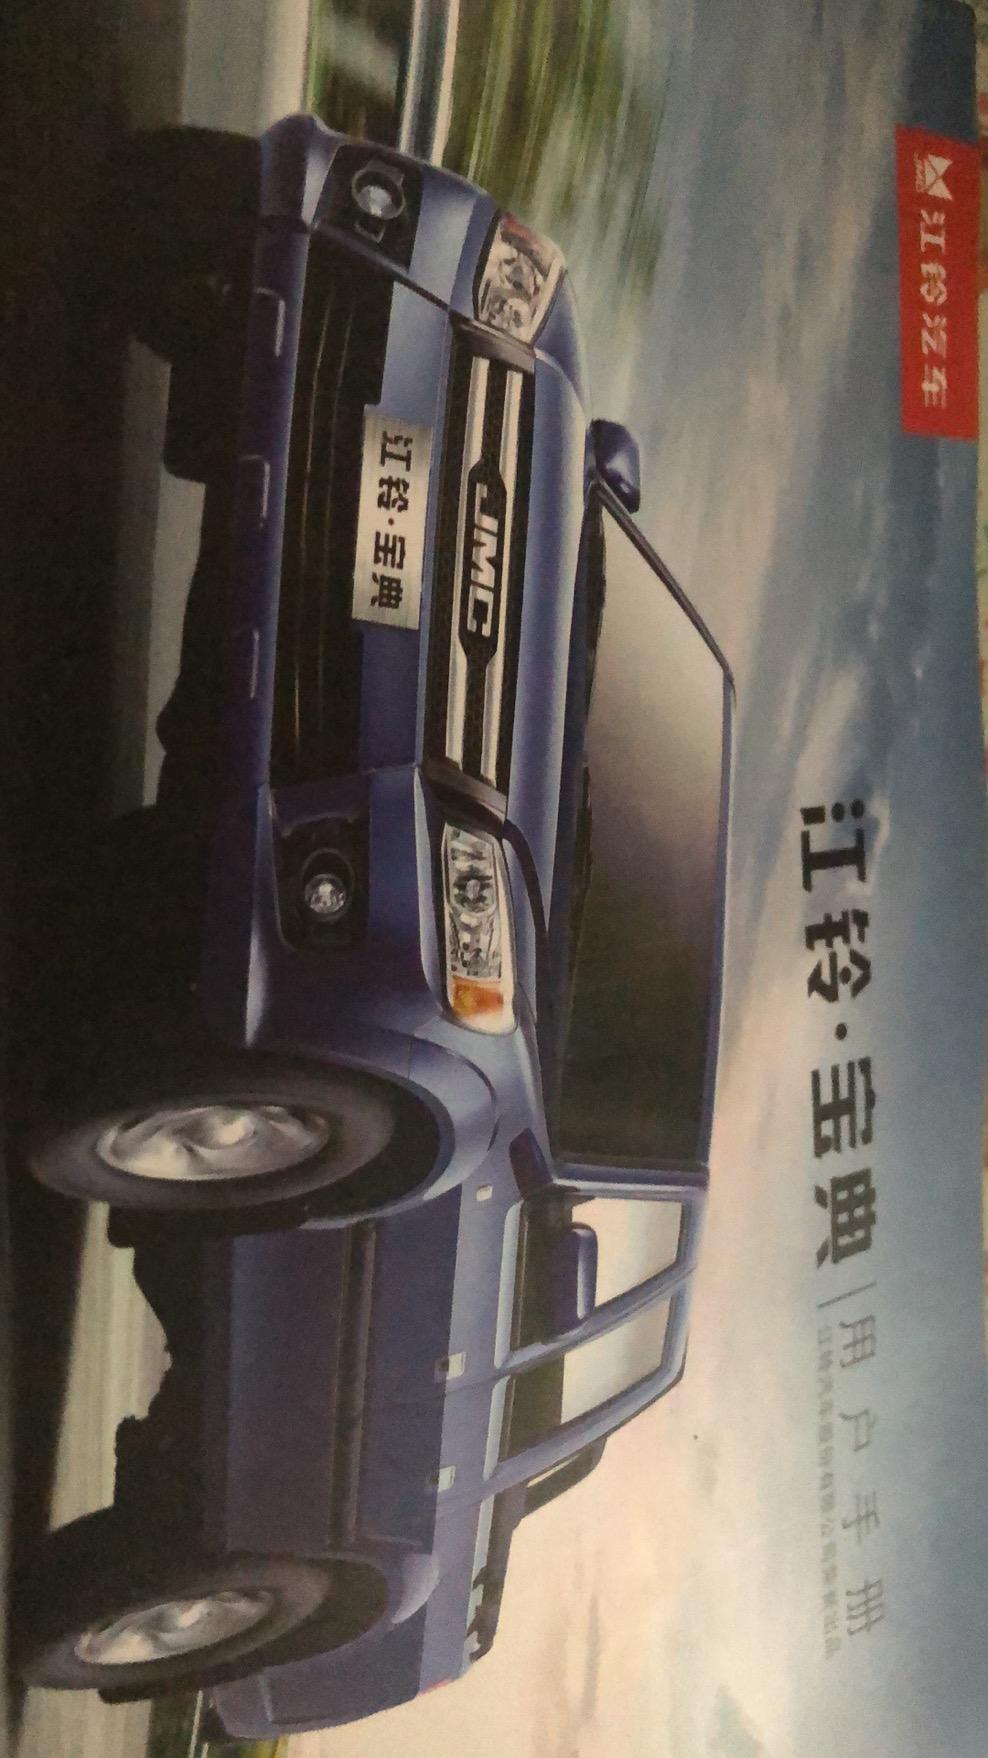 江铃 宝典 2018款 新超值版 豪华型 2.9T柴油 125马力 四驱 加长货箱双排皮卡口碑